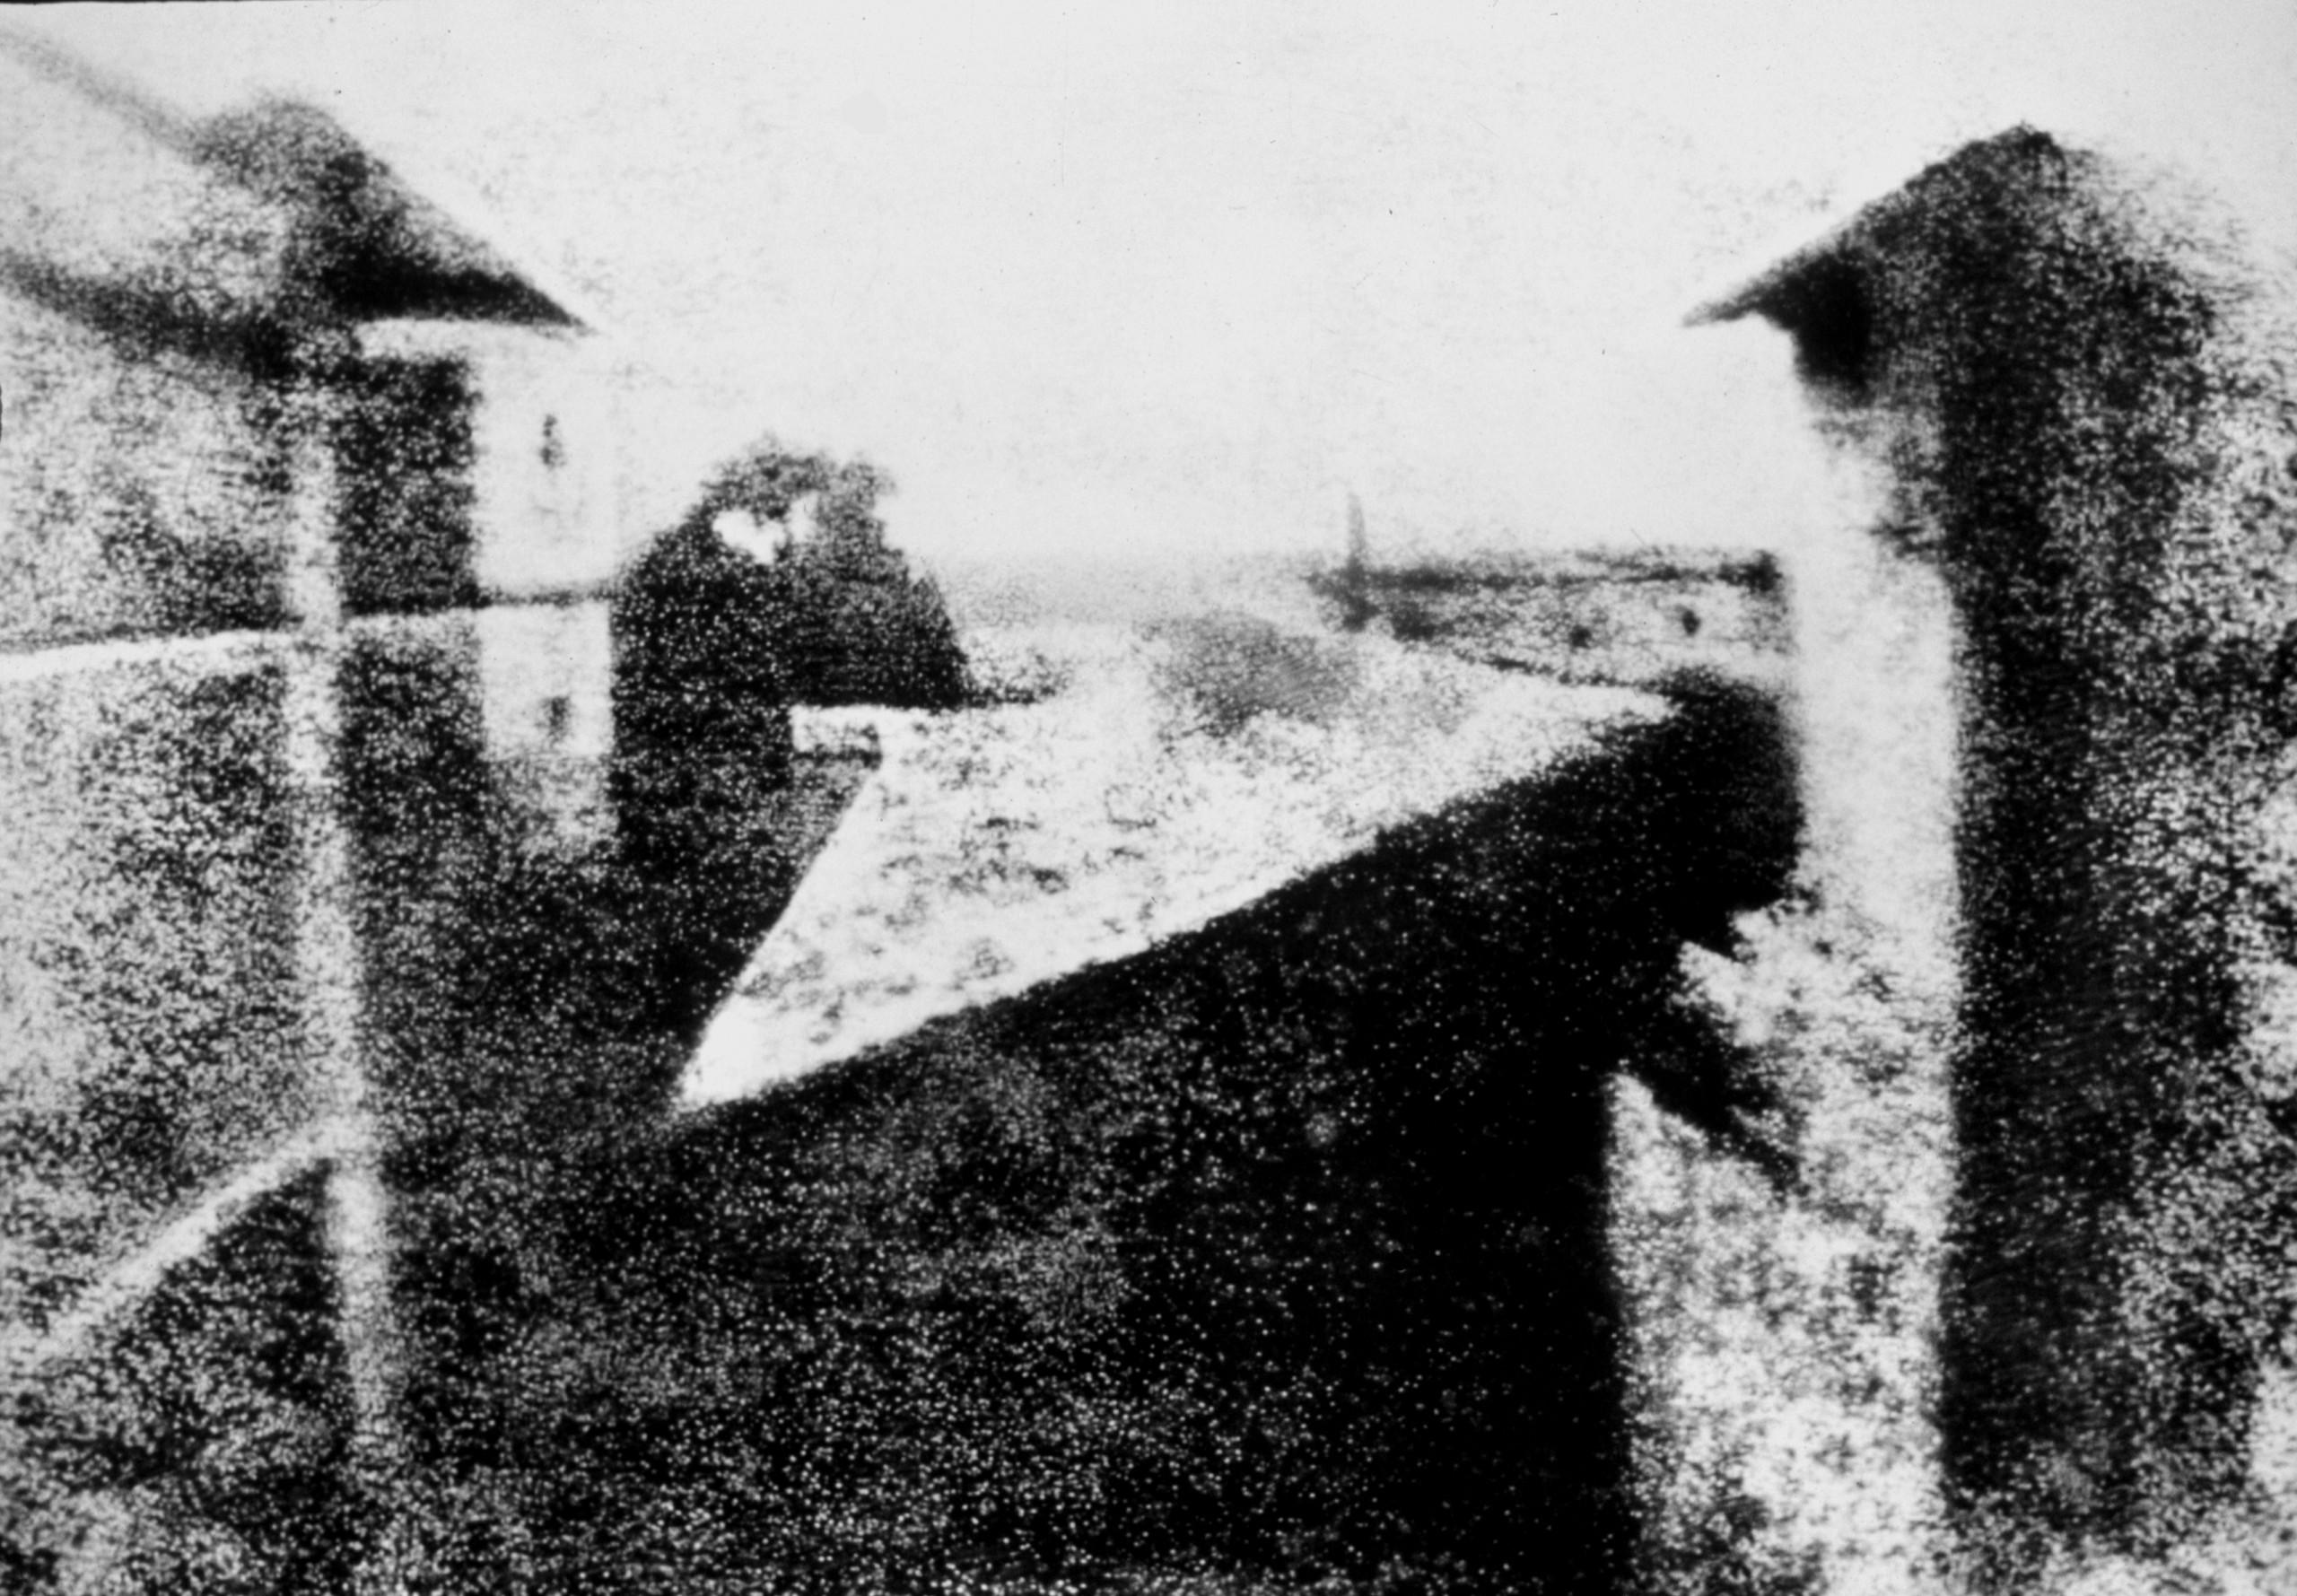 قدیمیترین عکس موجود از انسان در کجا گرفته شد؟